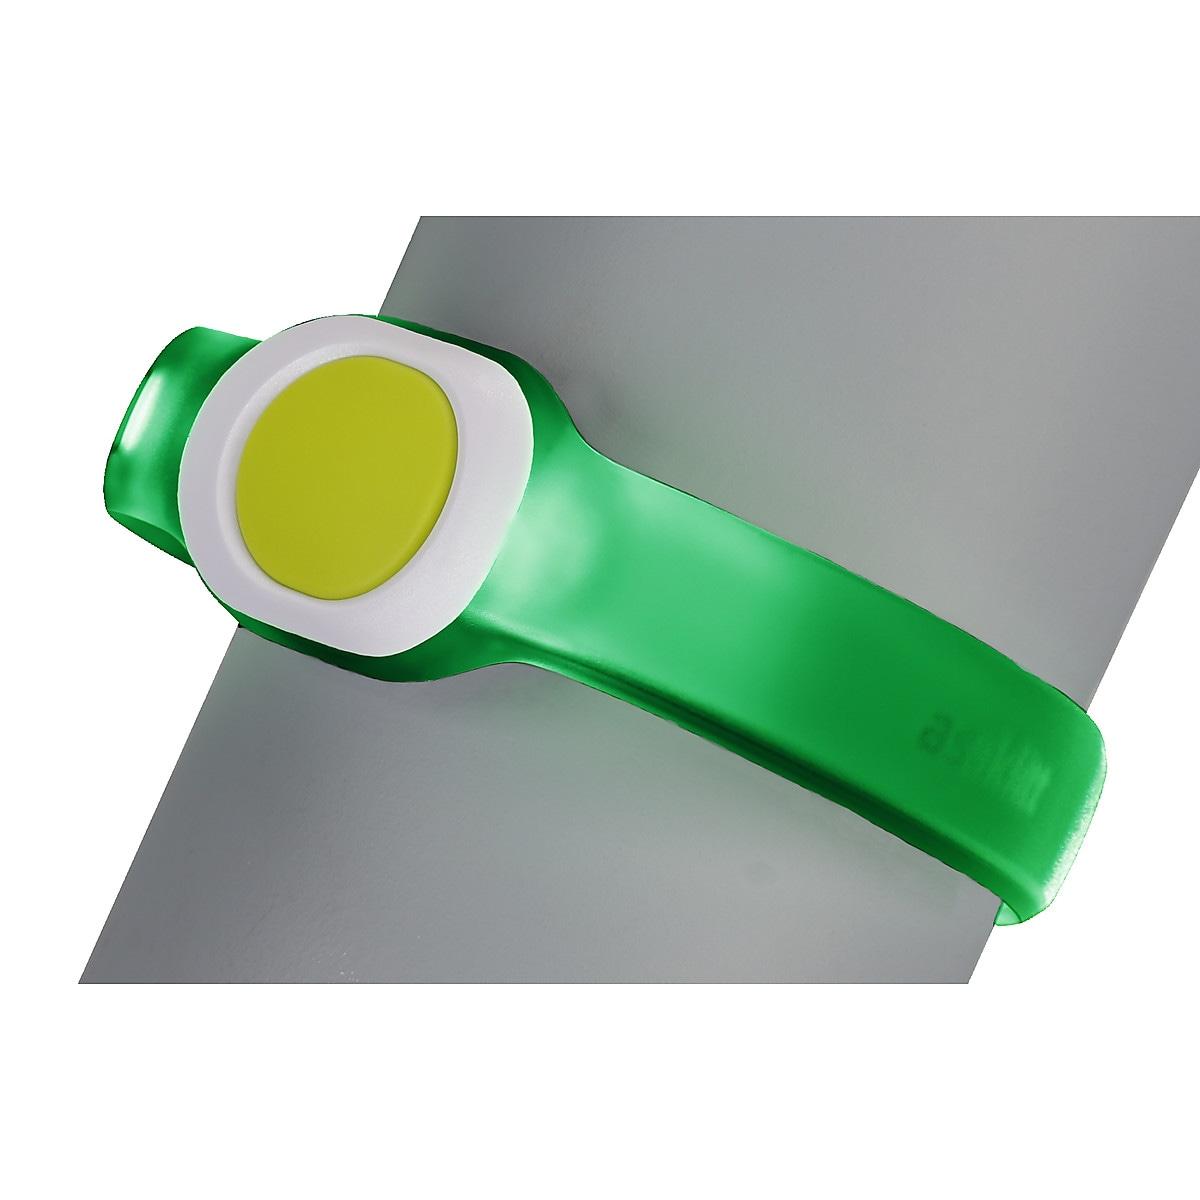 LED-Lampe Handgelenk, Asaklitt